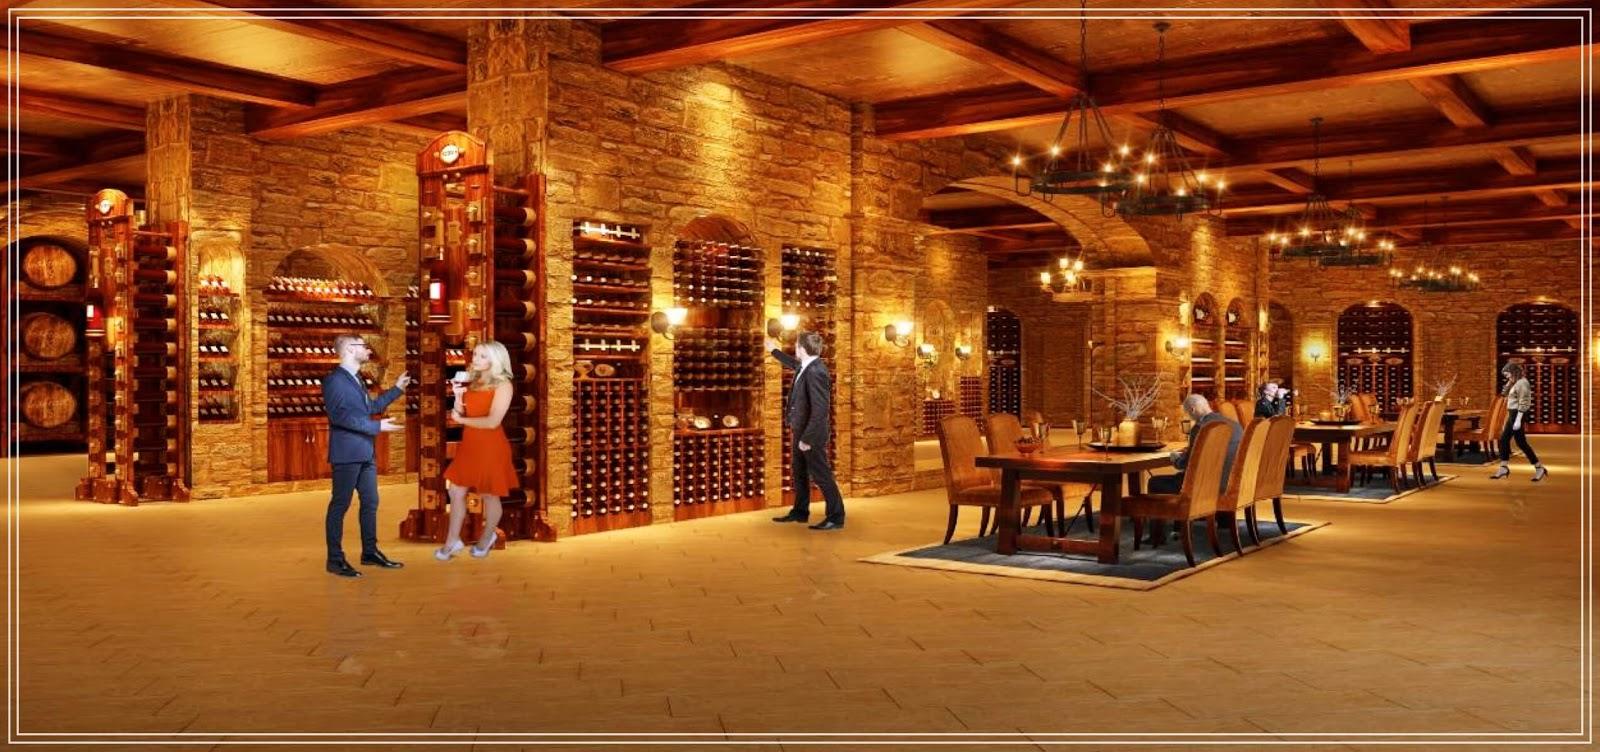 Hầm rượu độc đáo của dự án Hateco La Roma